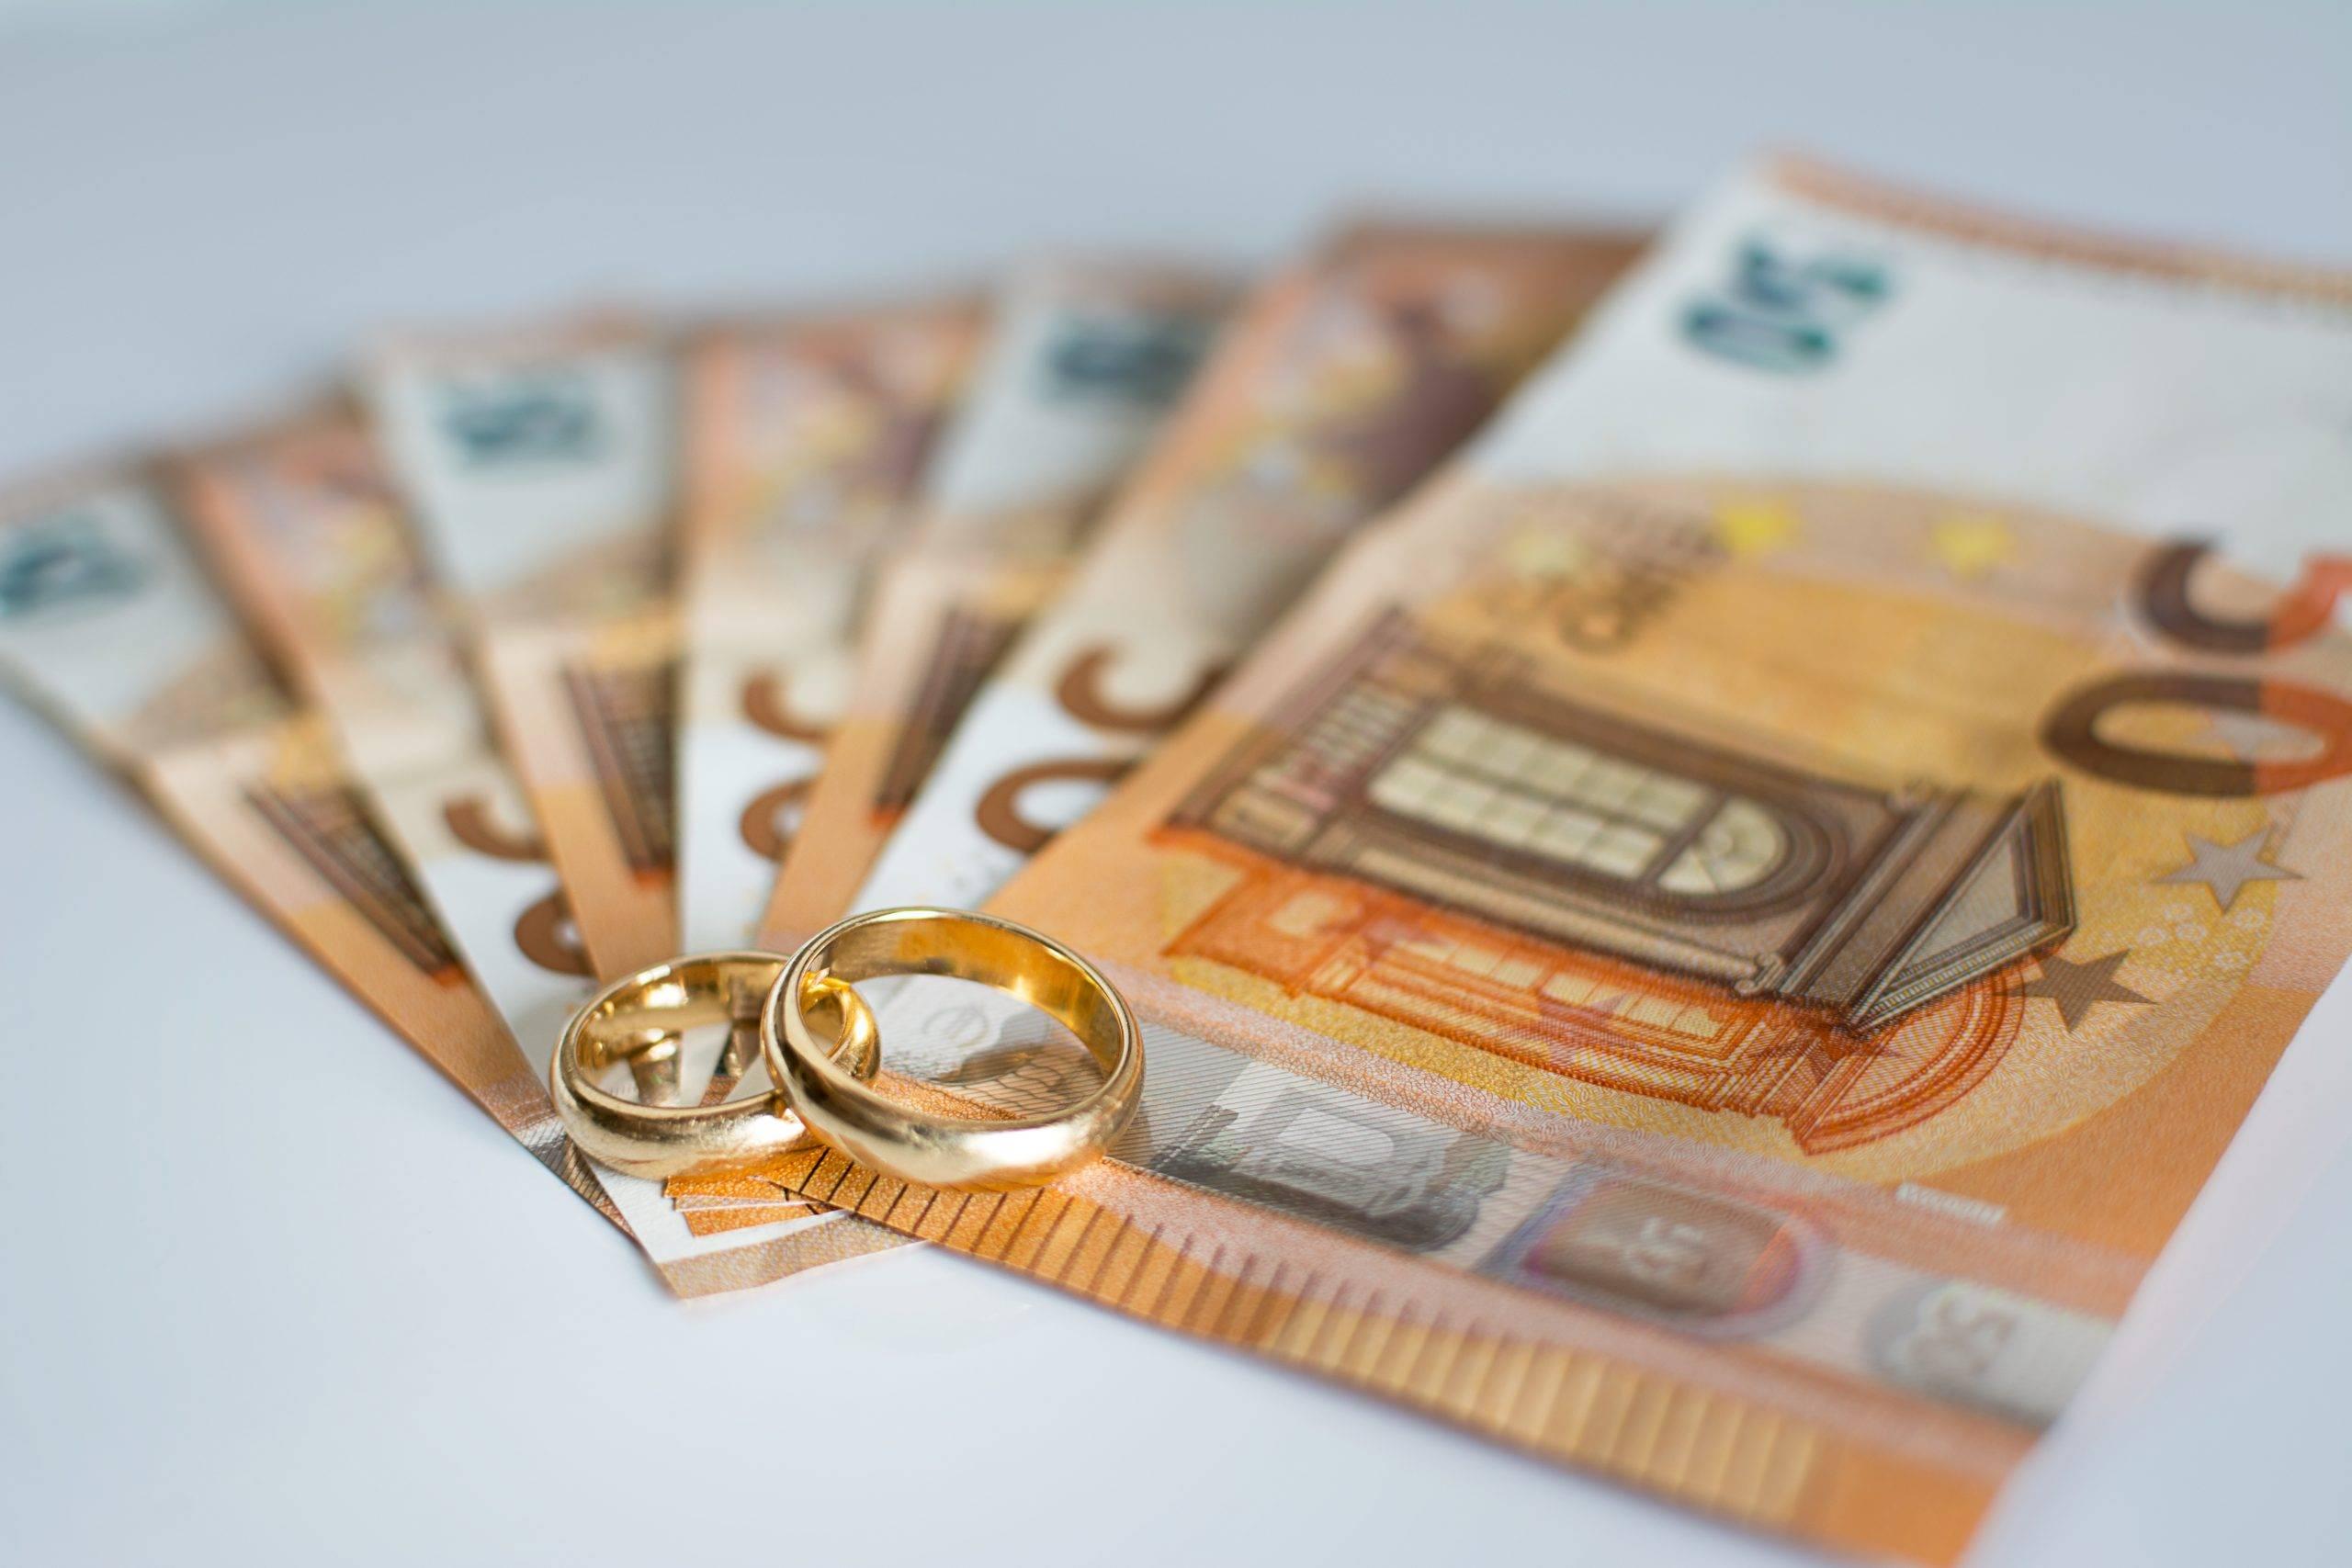 Ehering und Banknoten